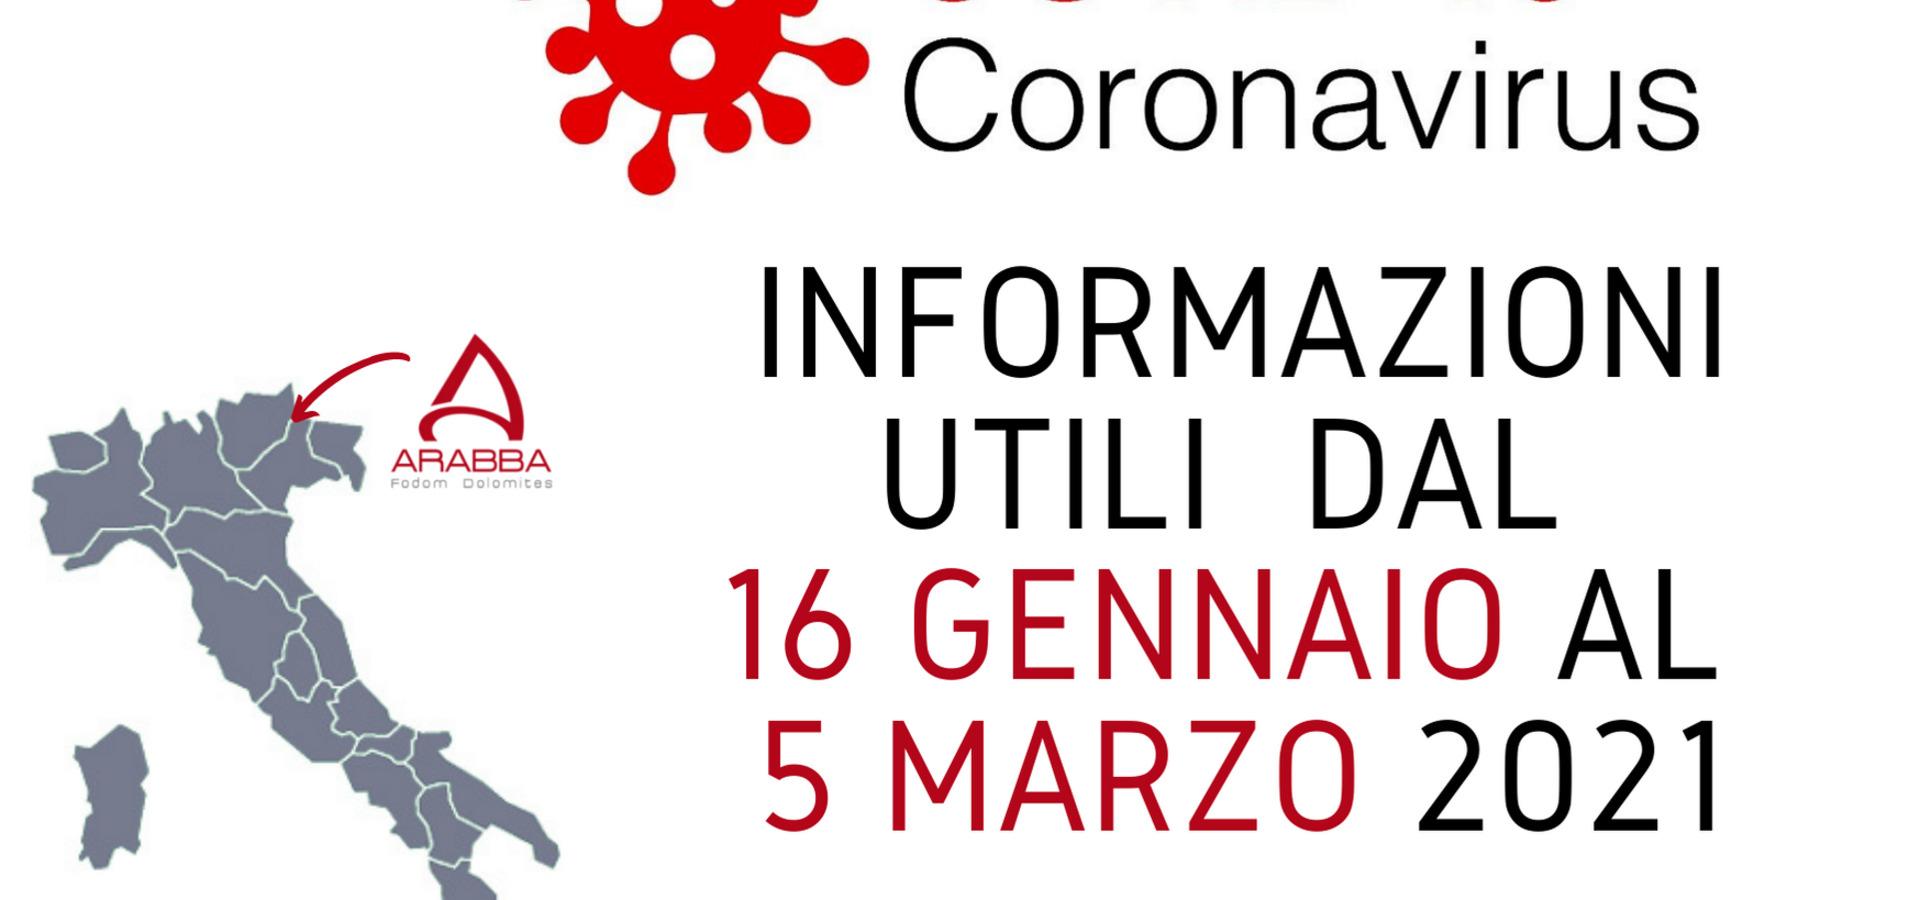 Emergenza Coronavirus: Aggiornamenti dal 16/01/2021 al 05/03/2021